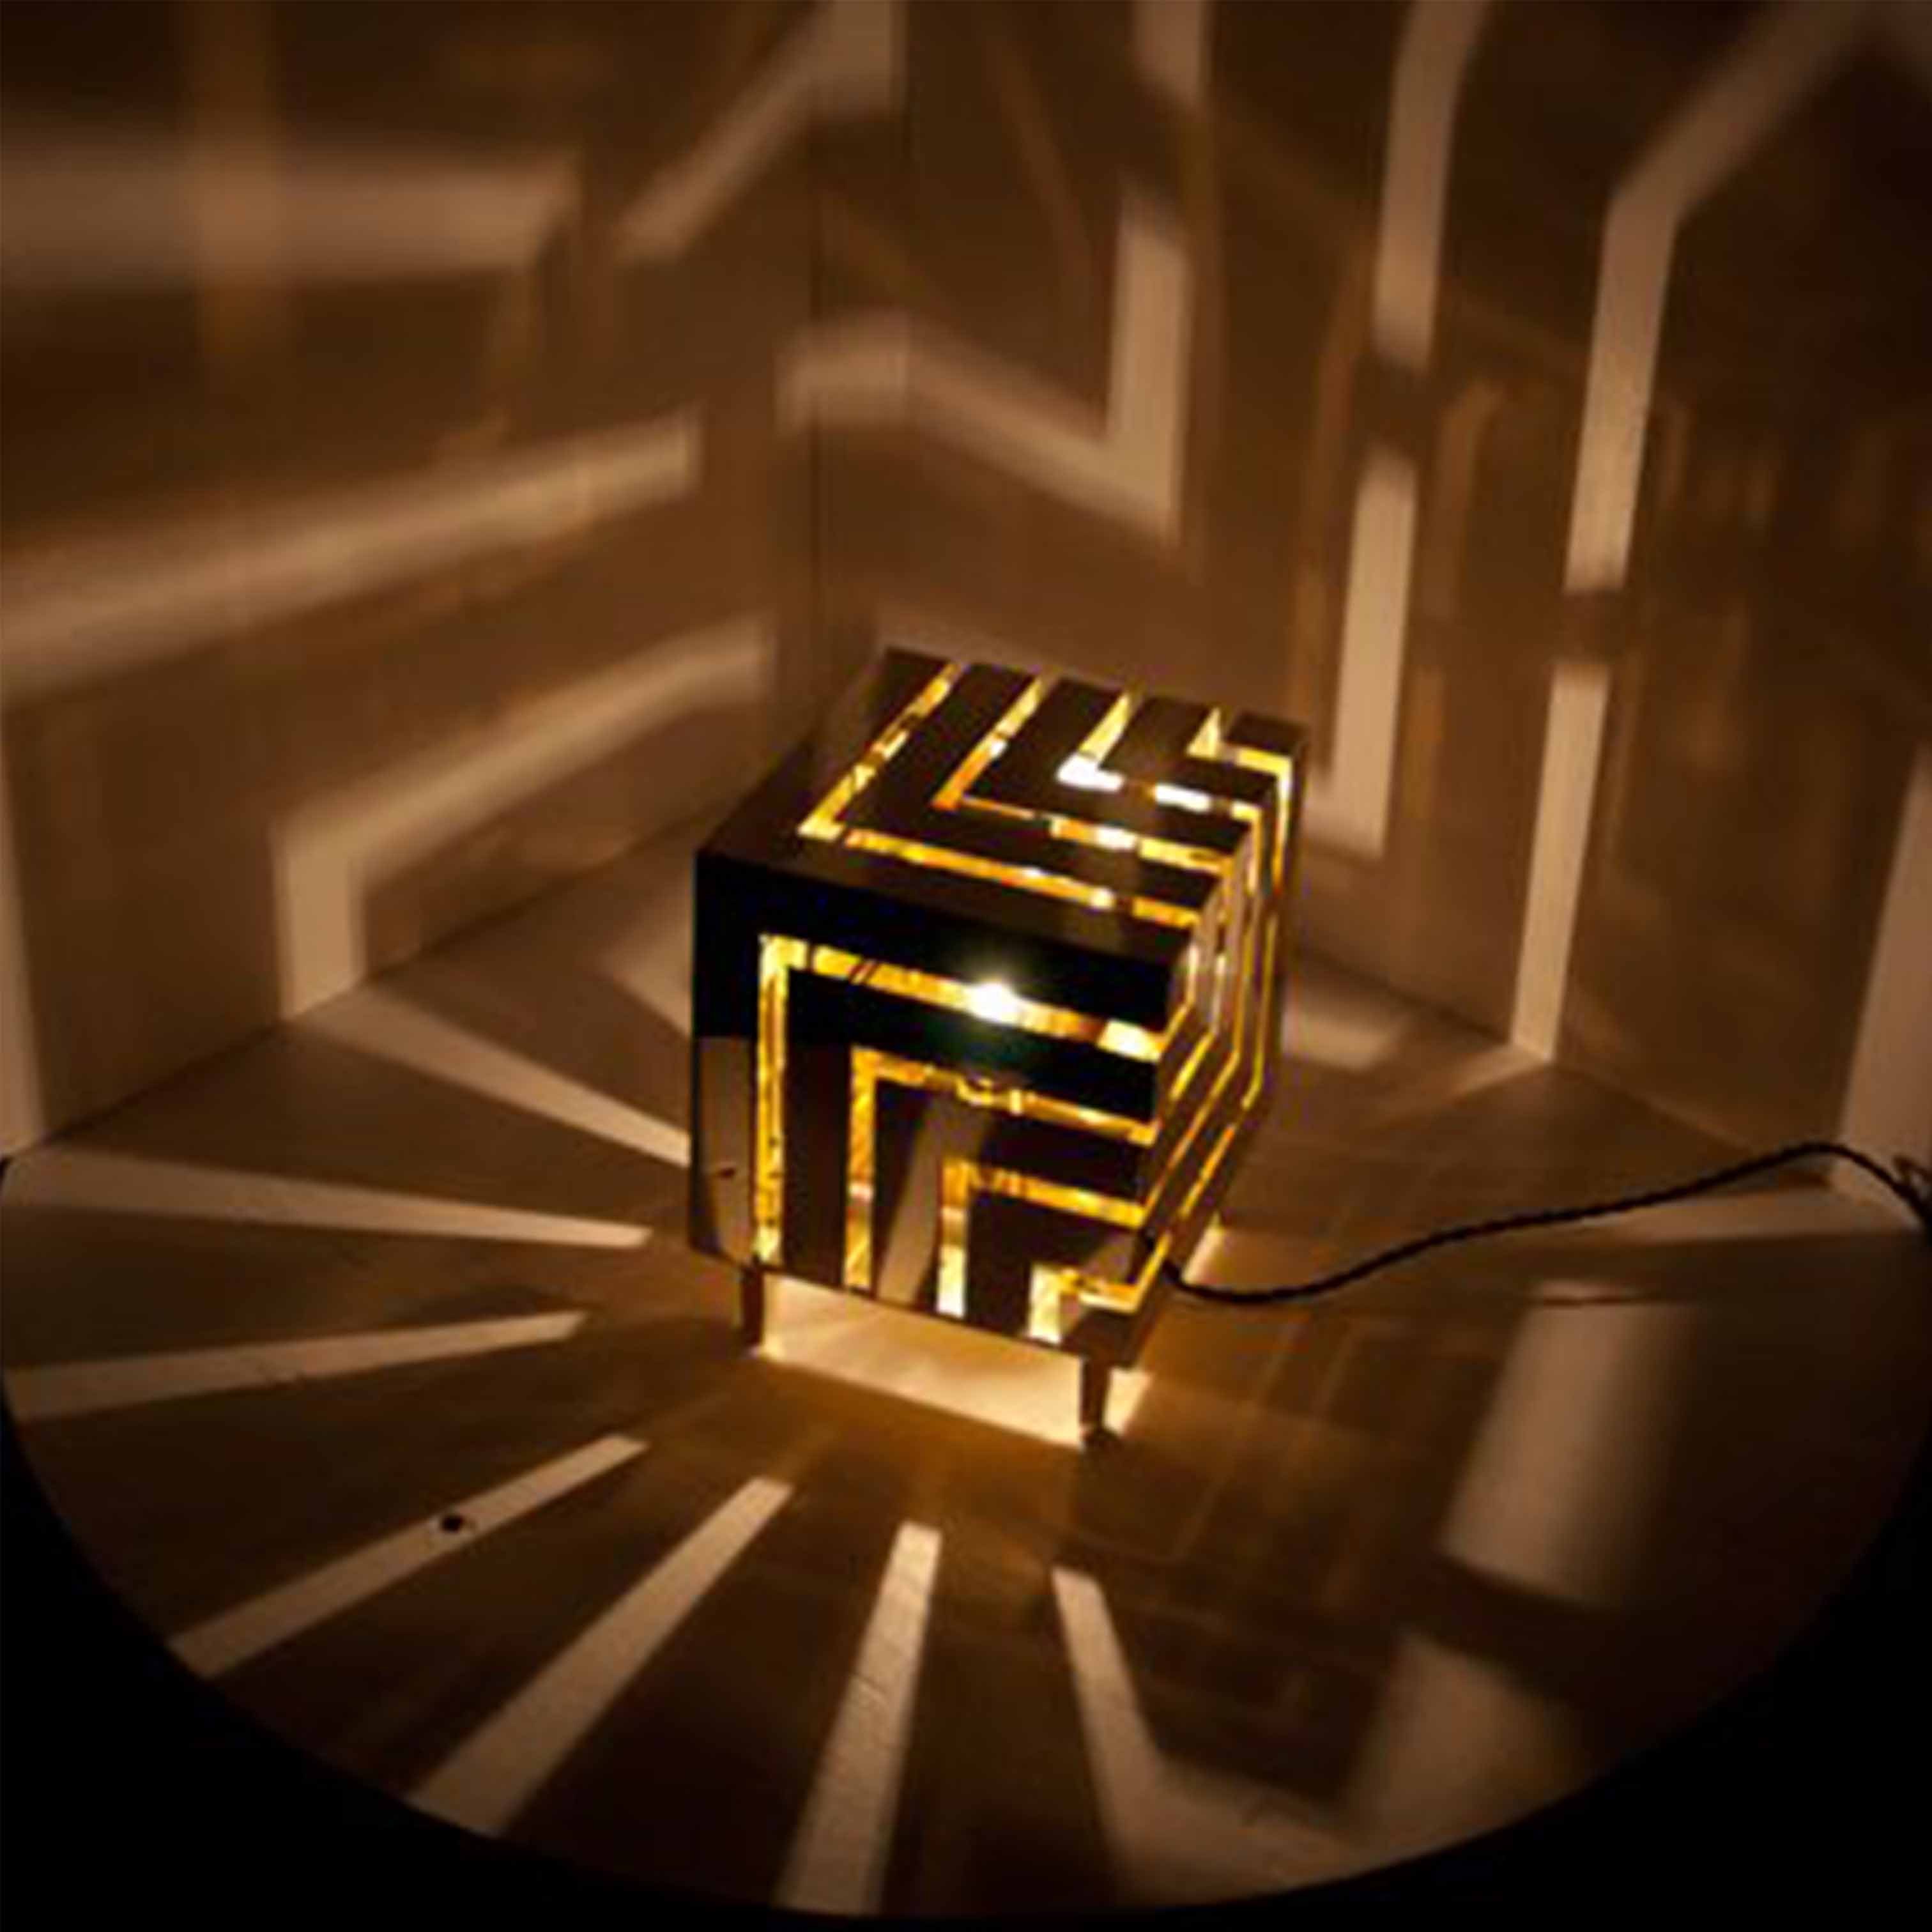 Đèn gỗ trang trí nghệ thuật - D52LHFU